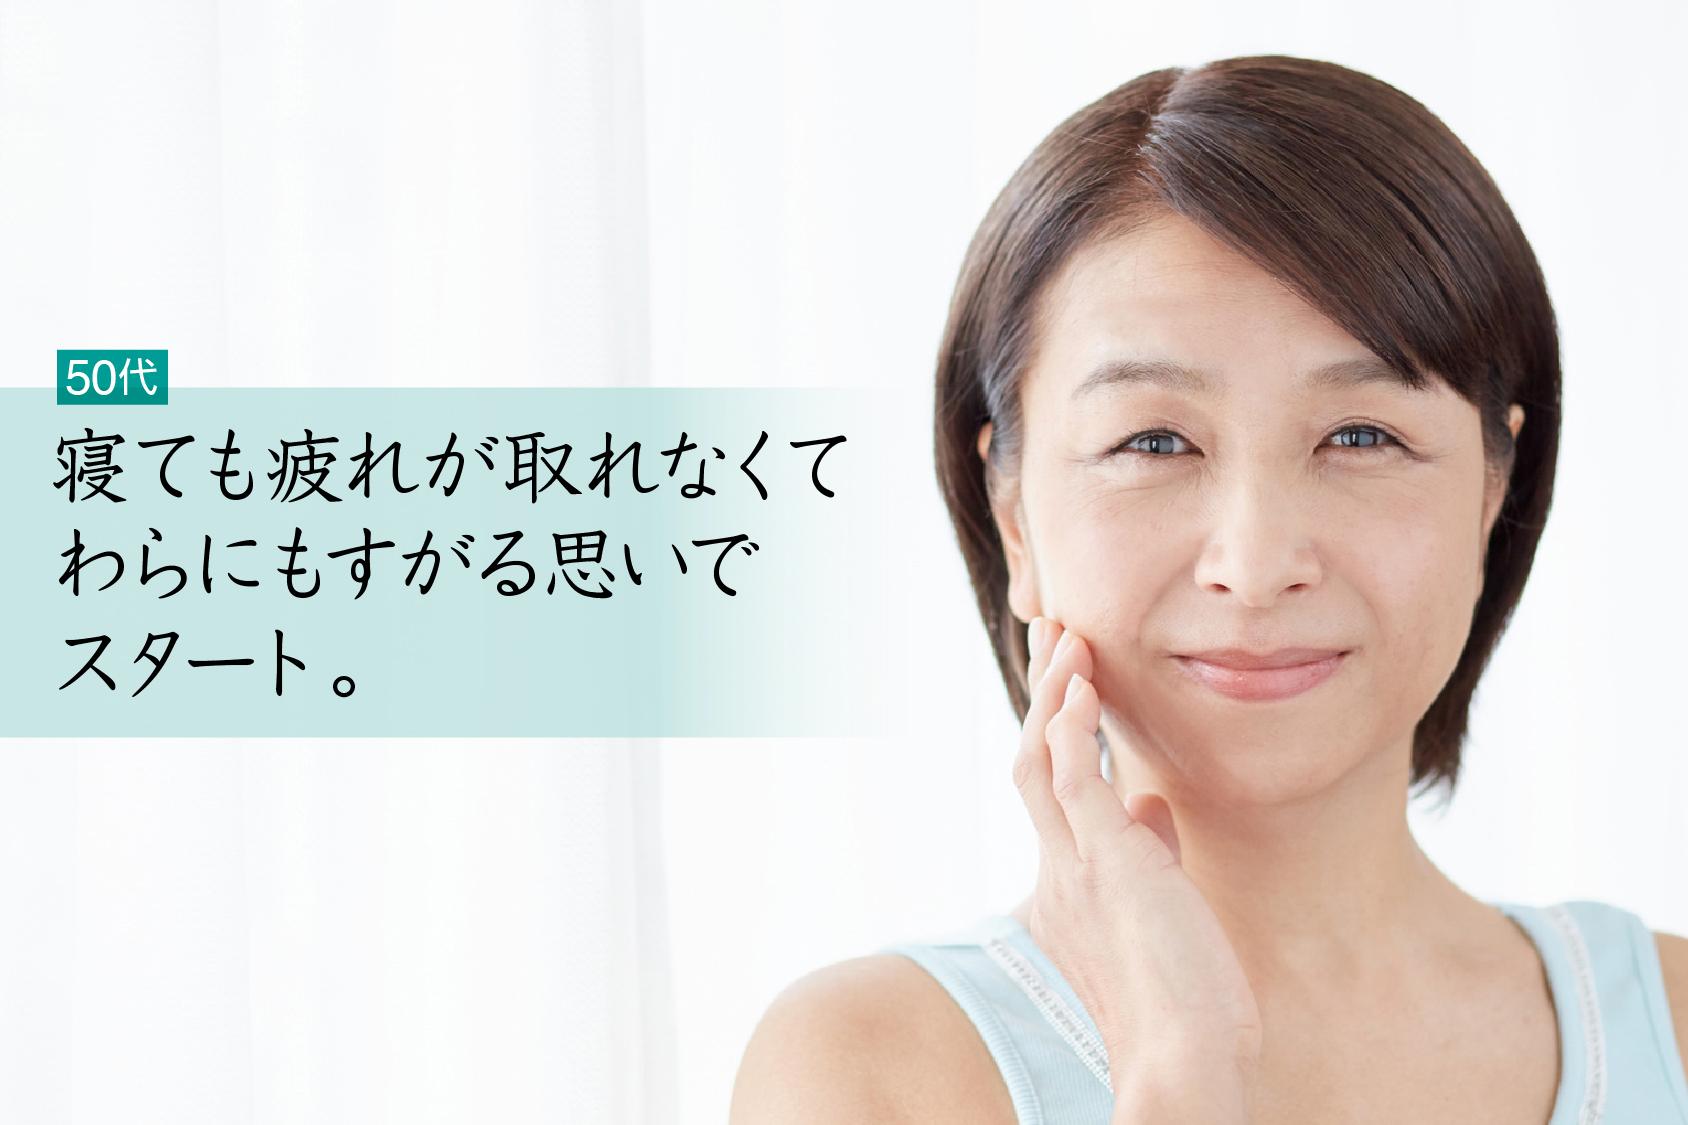 【ケース4】50〜60代